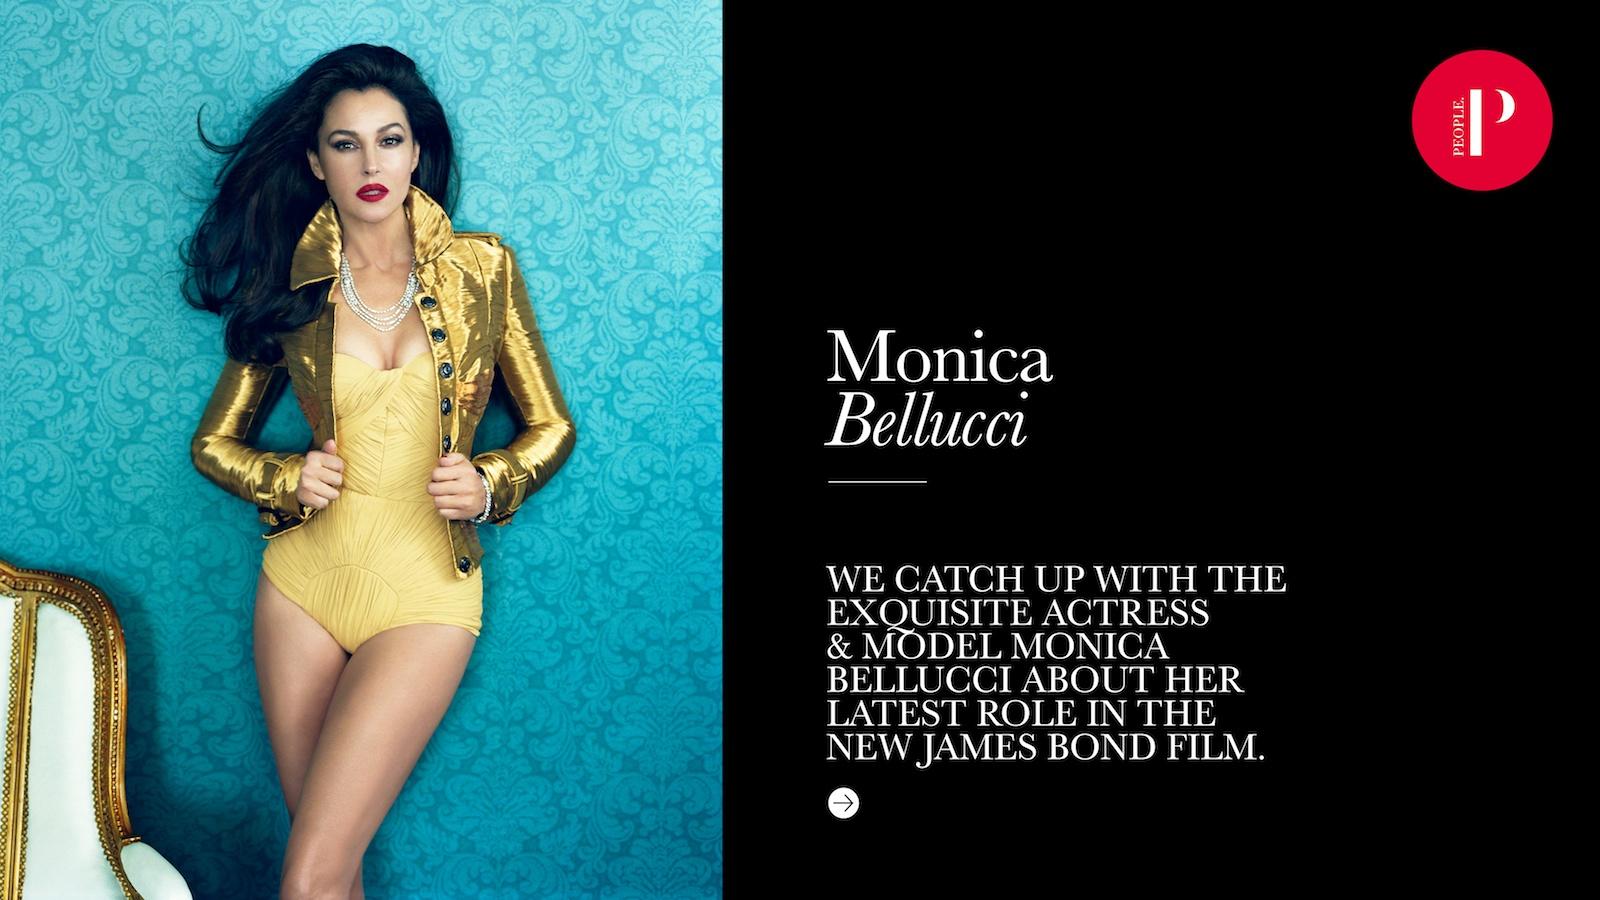 Monica Bellucci 1600x900px (1).jpg